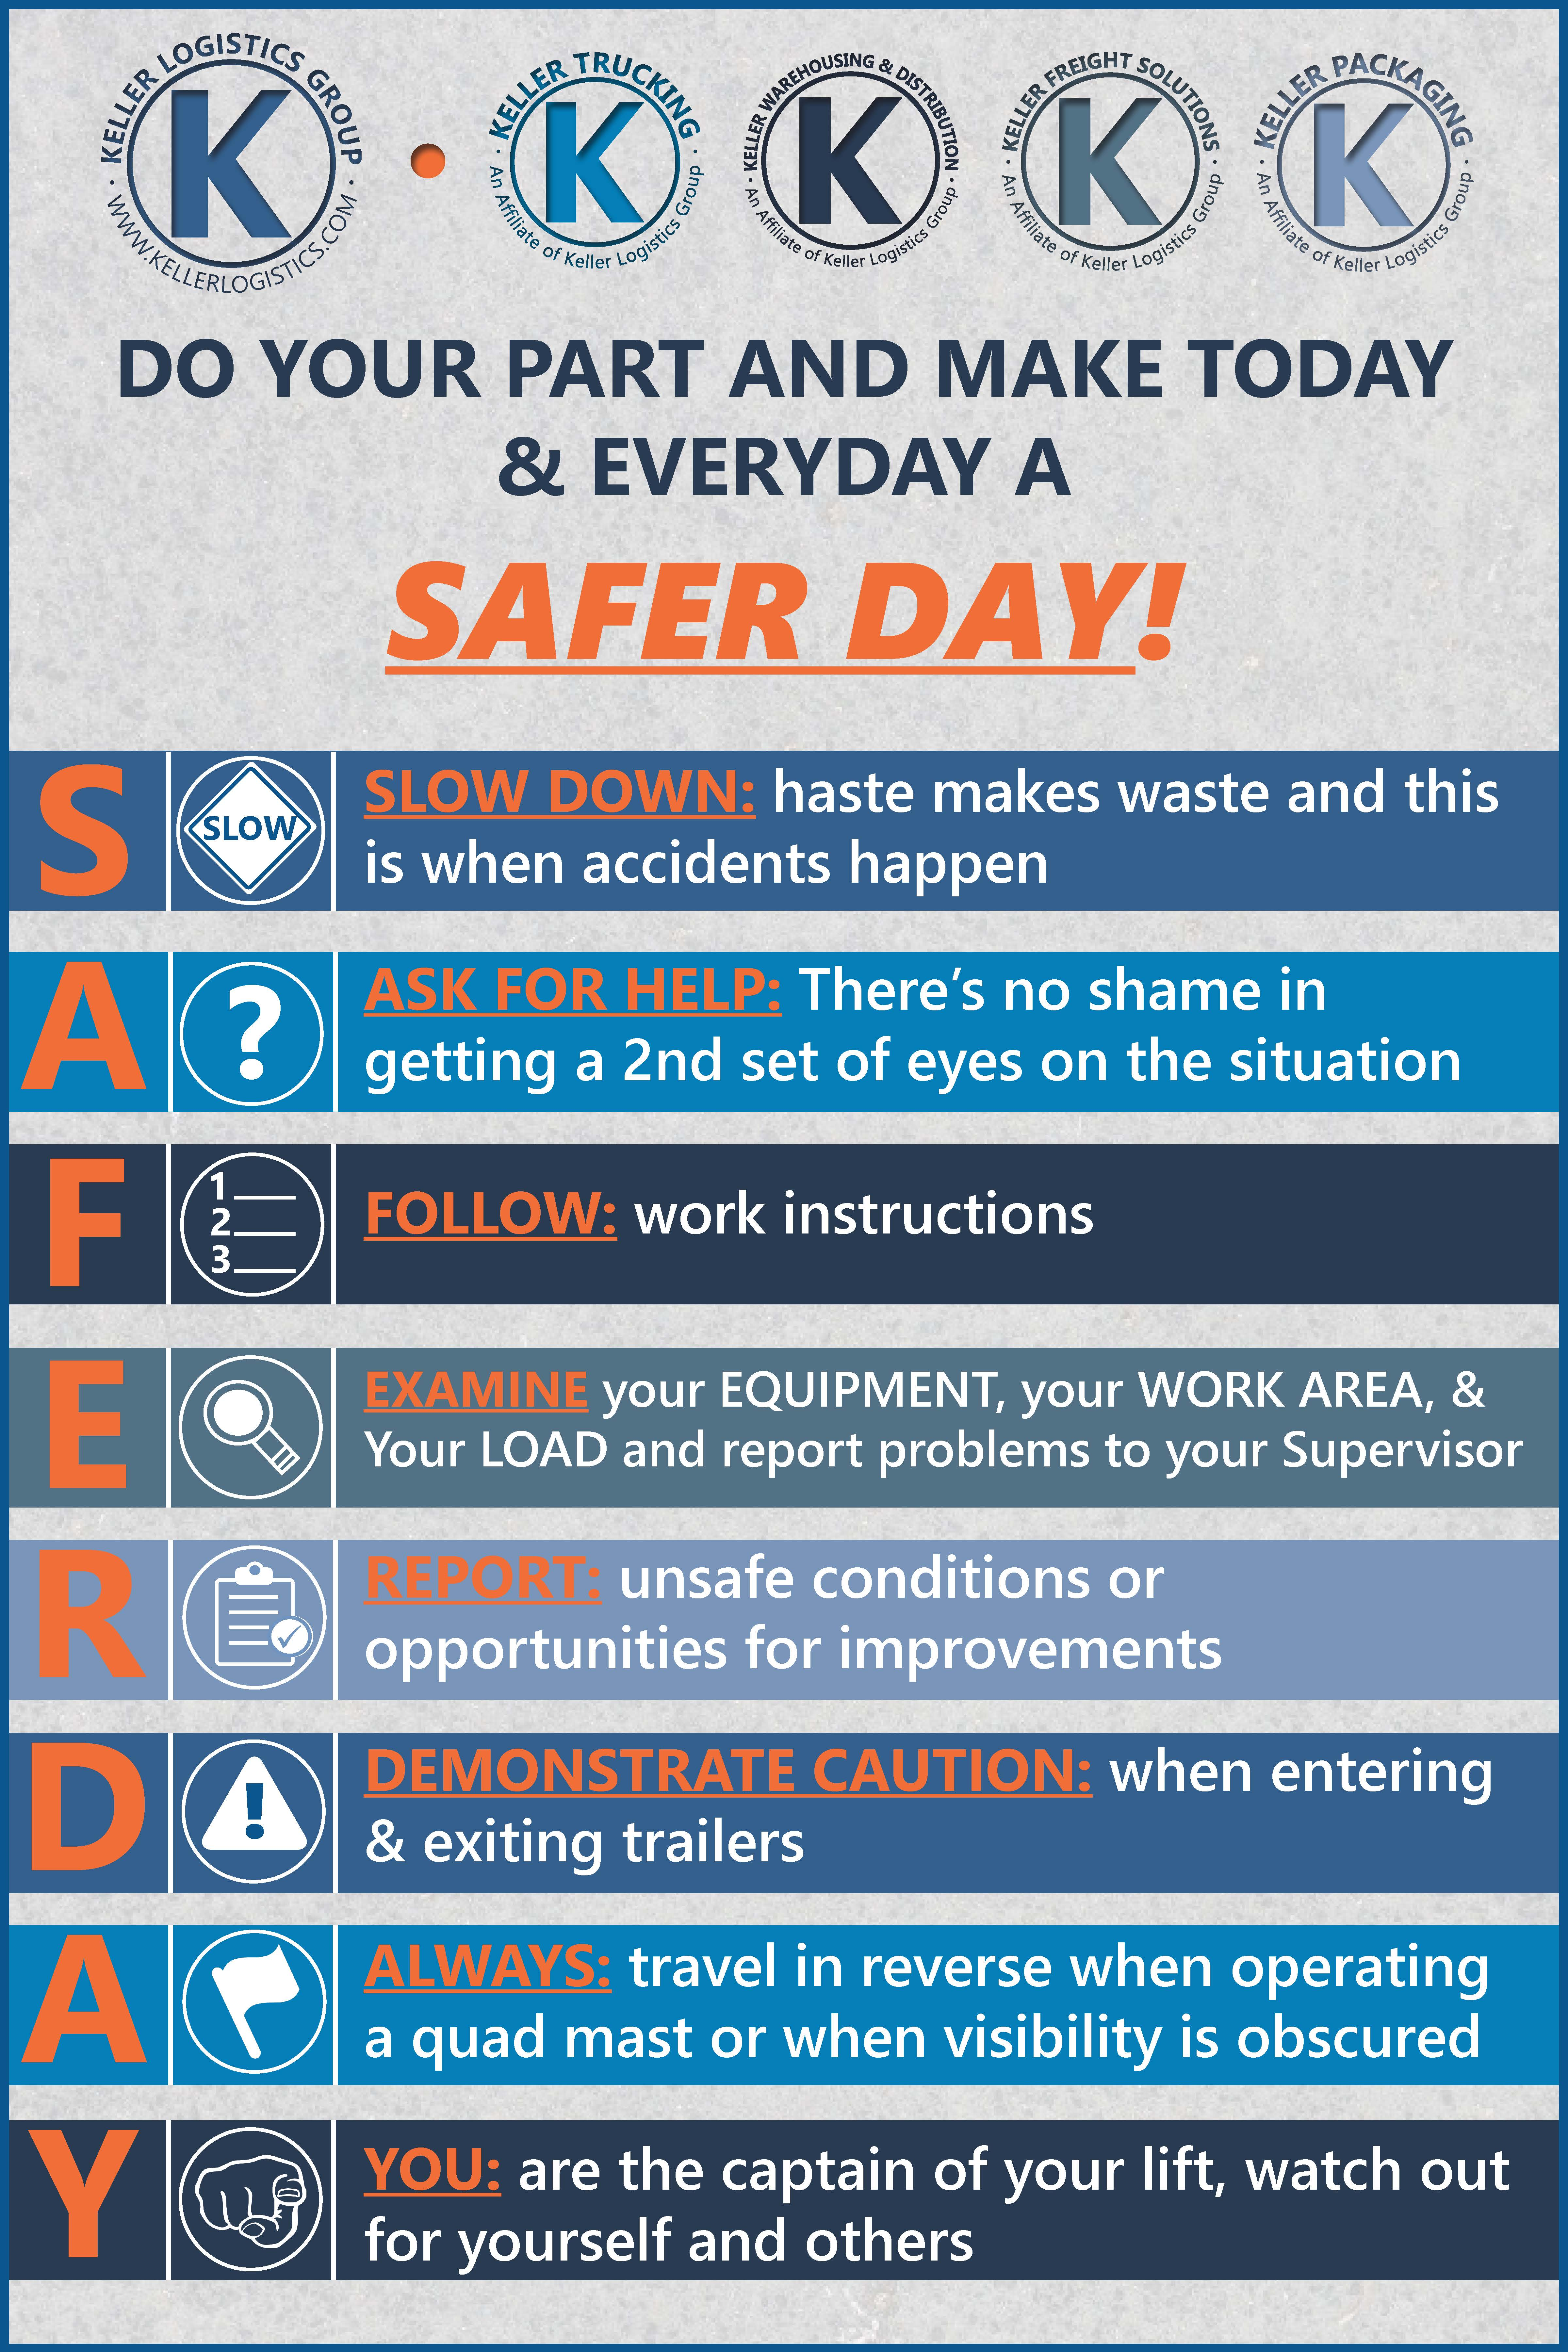 SAFER DAY Poster_032017.jpg